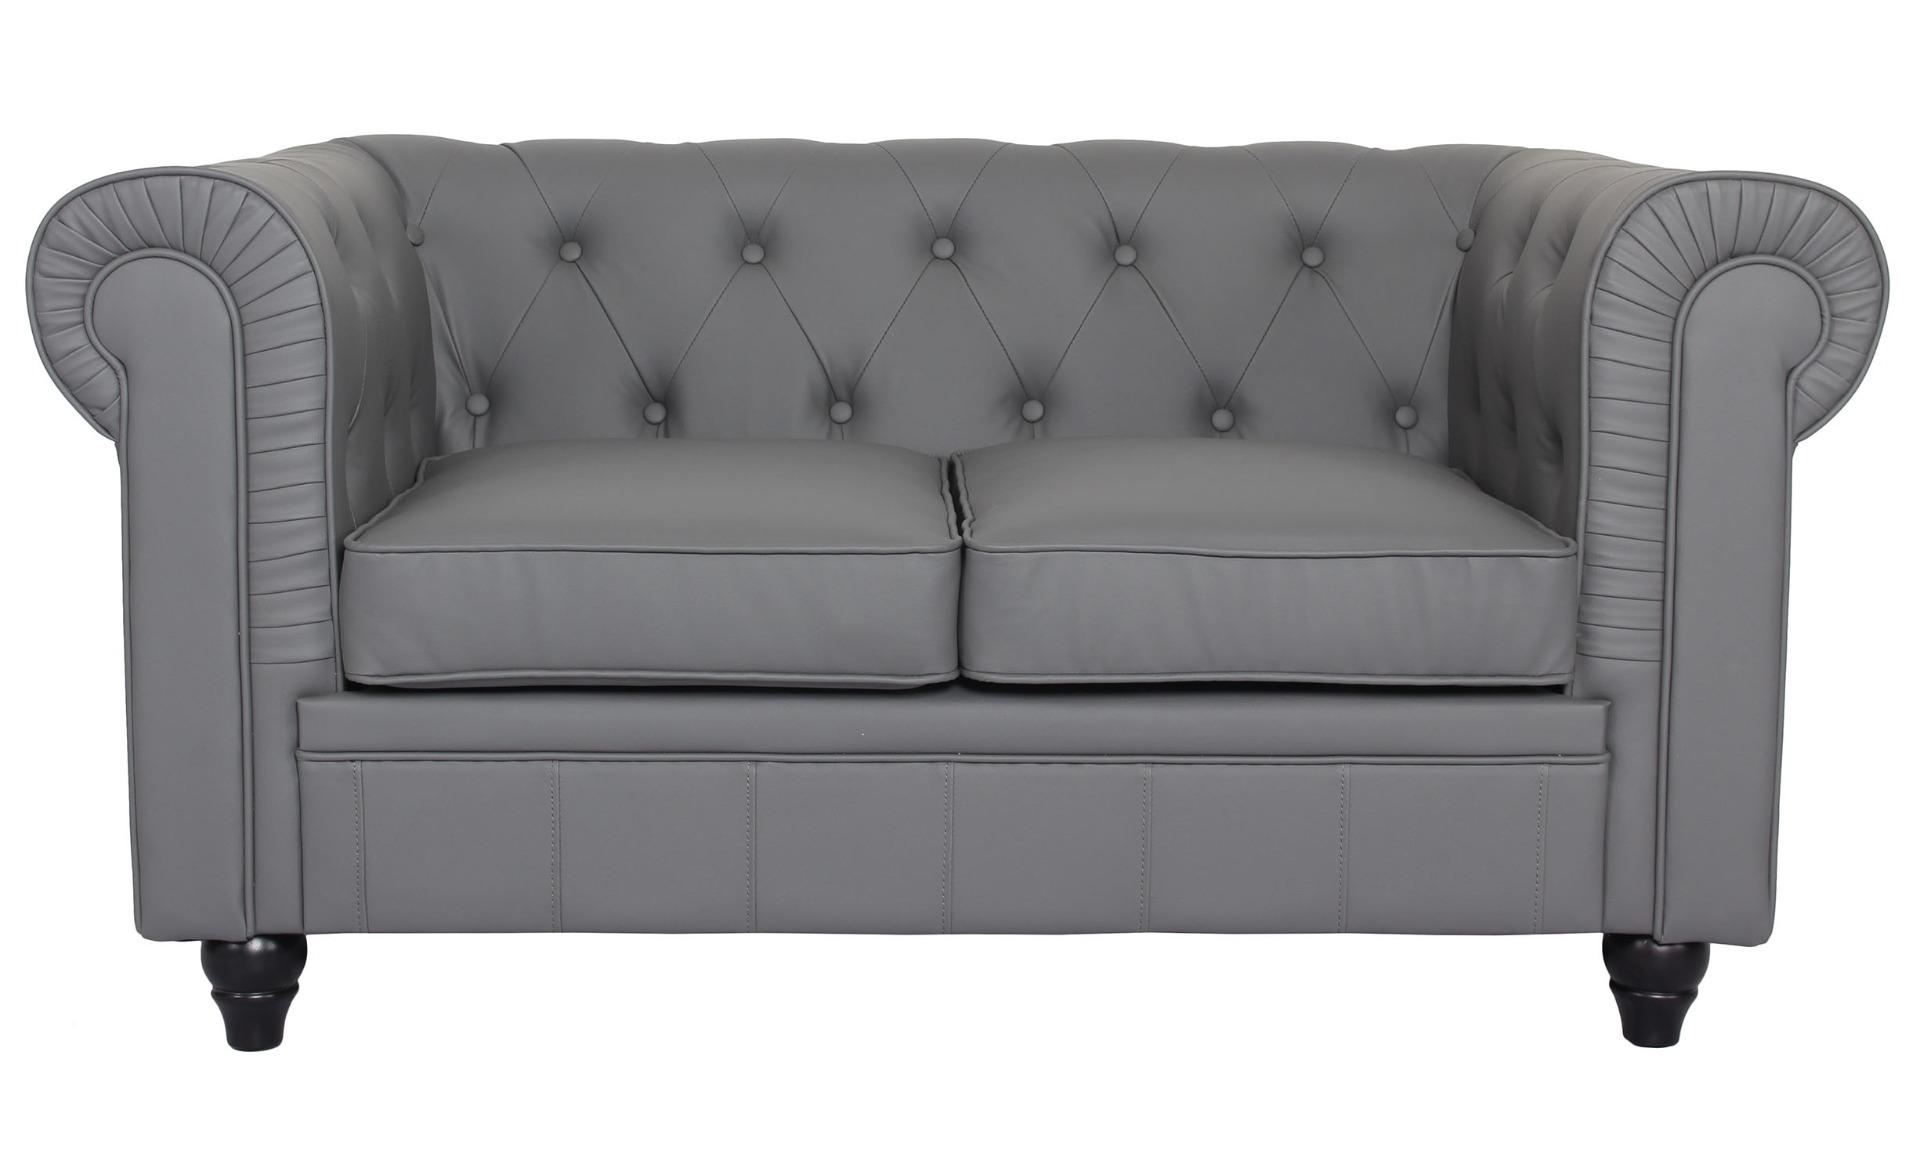 Le canapé Chesterfield capitonné 2 places original gris